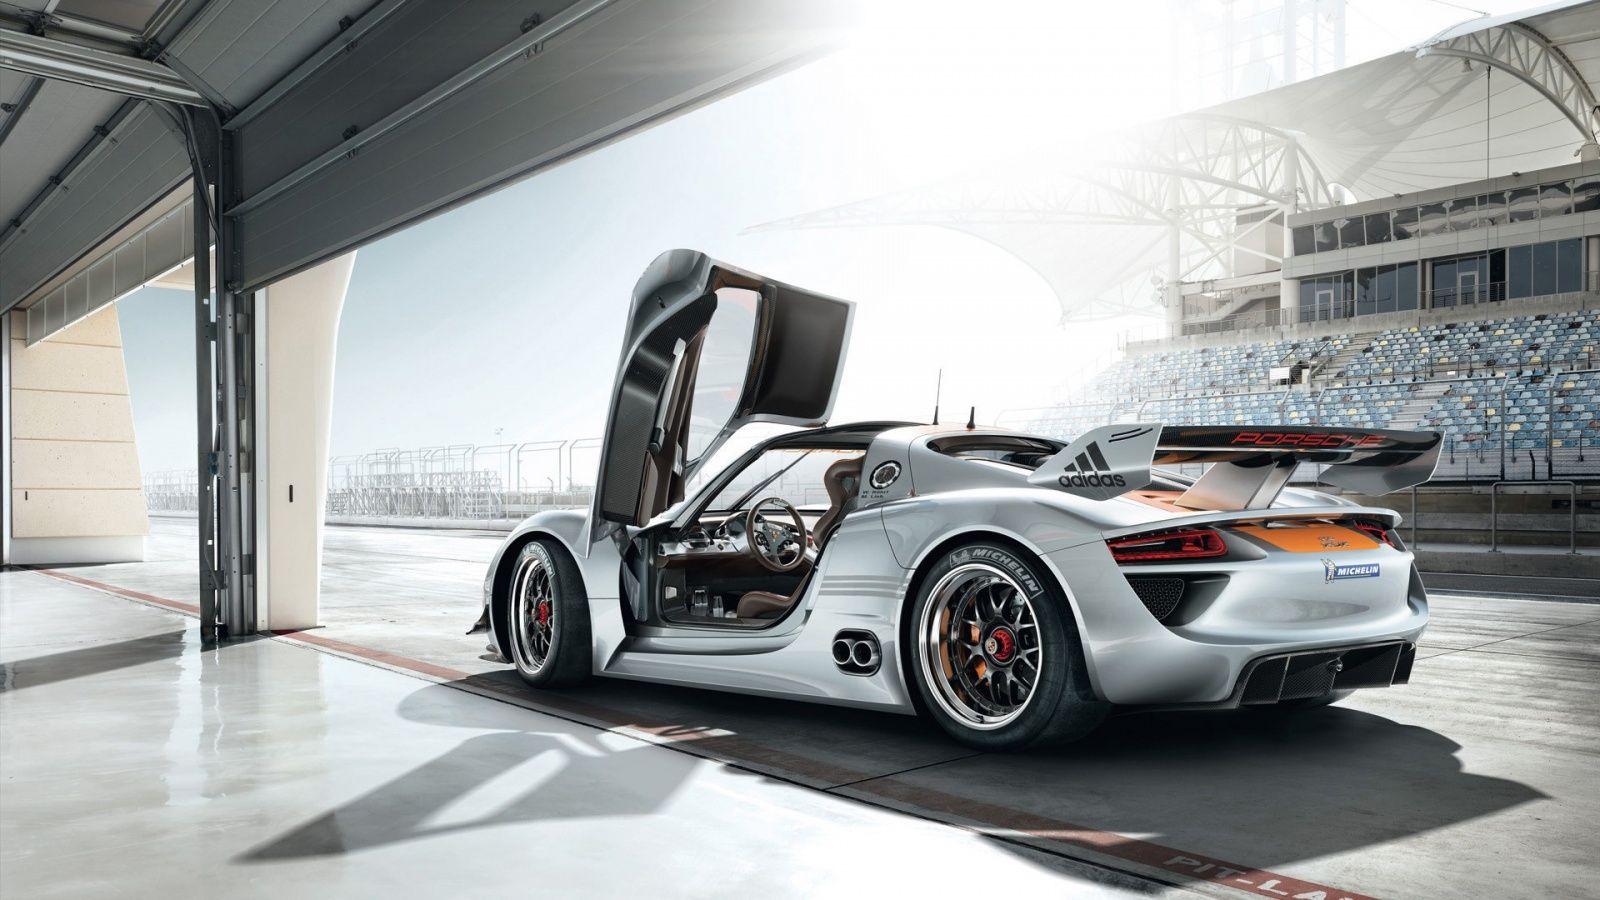 Porsche Super Car Wallpapers Backrounds 1600 900 Hd Desktop Porsche 918 Cars Porsche